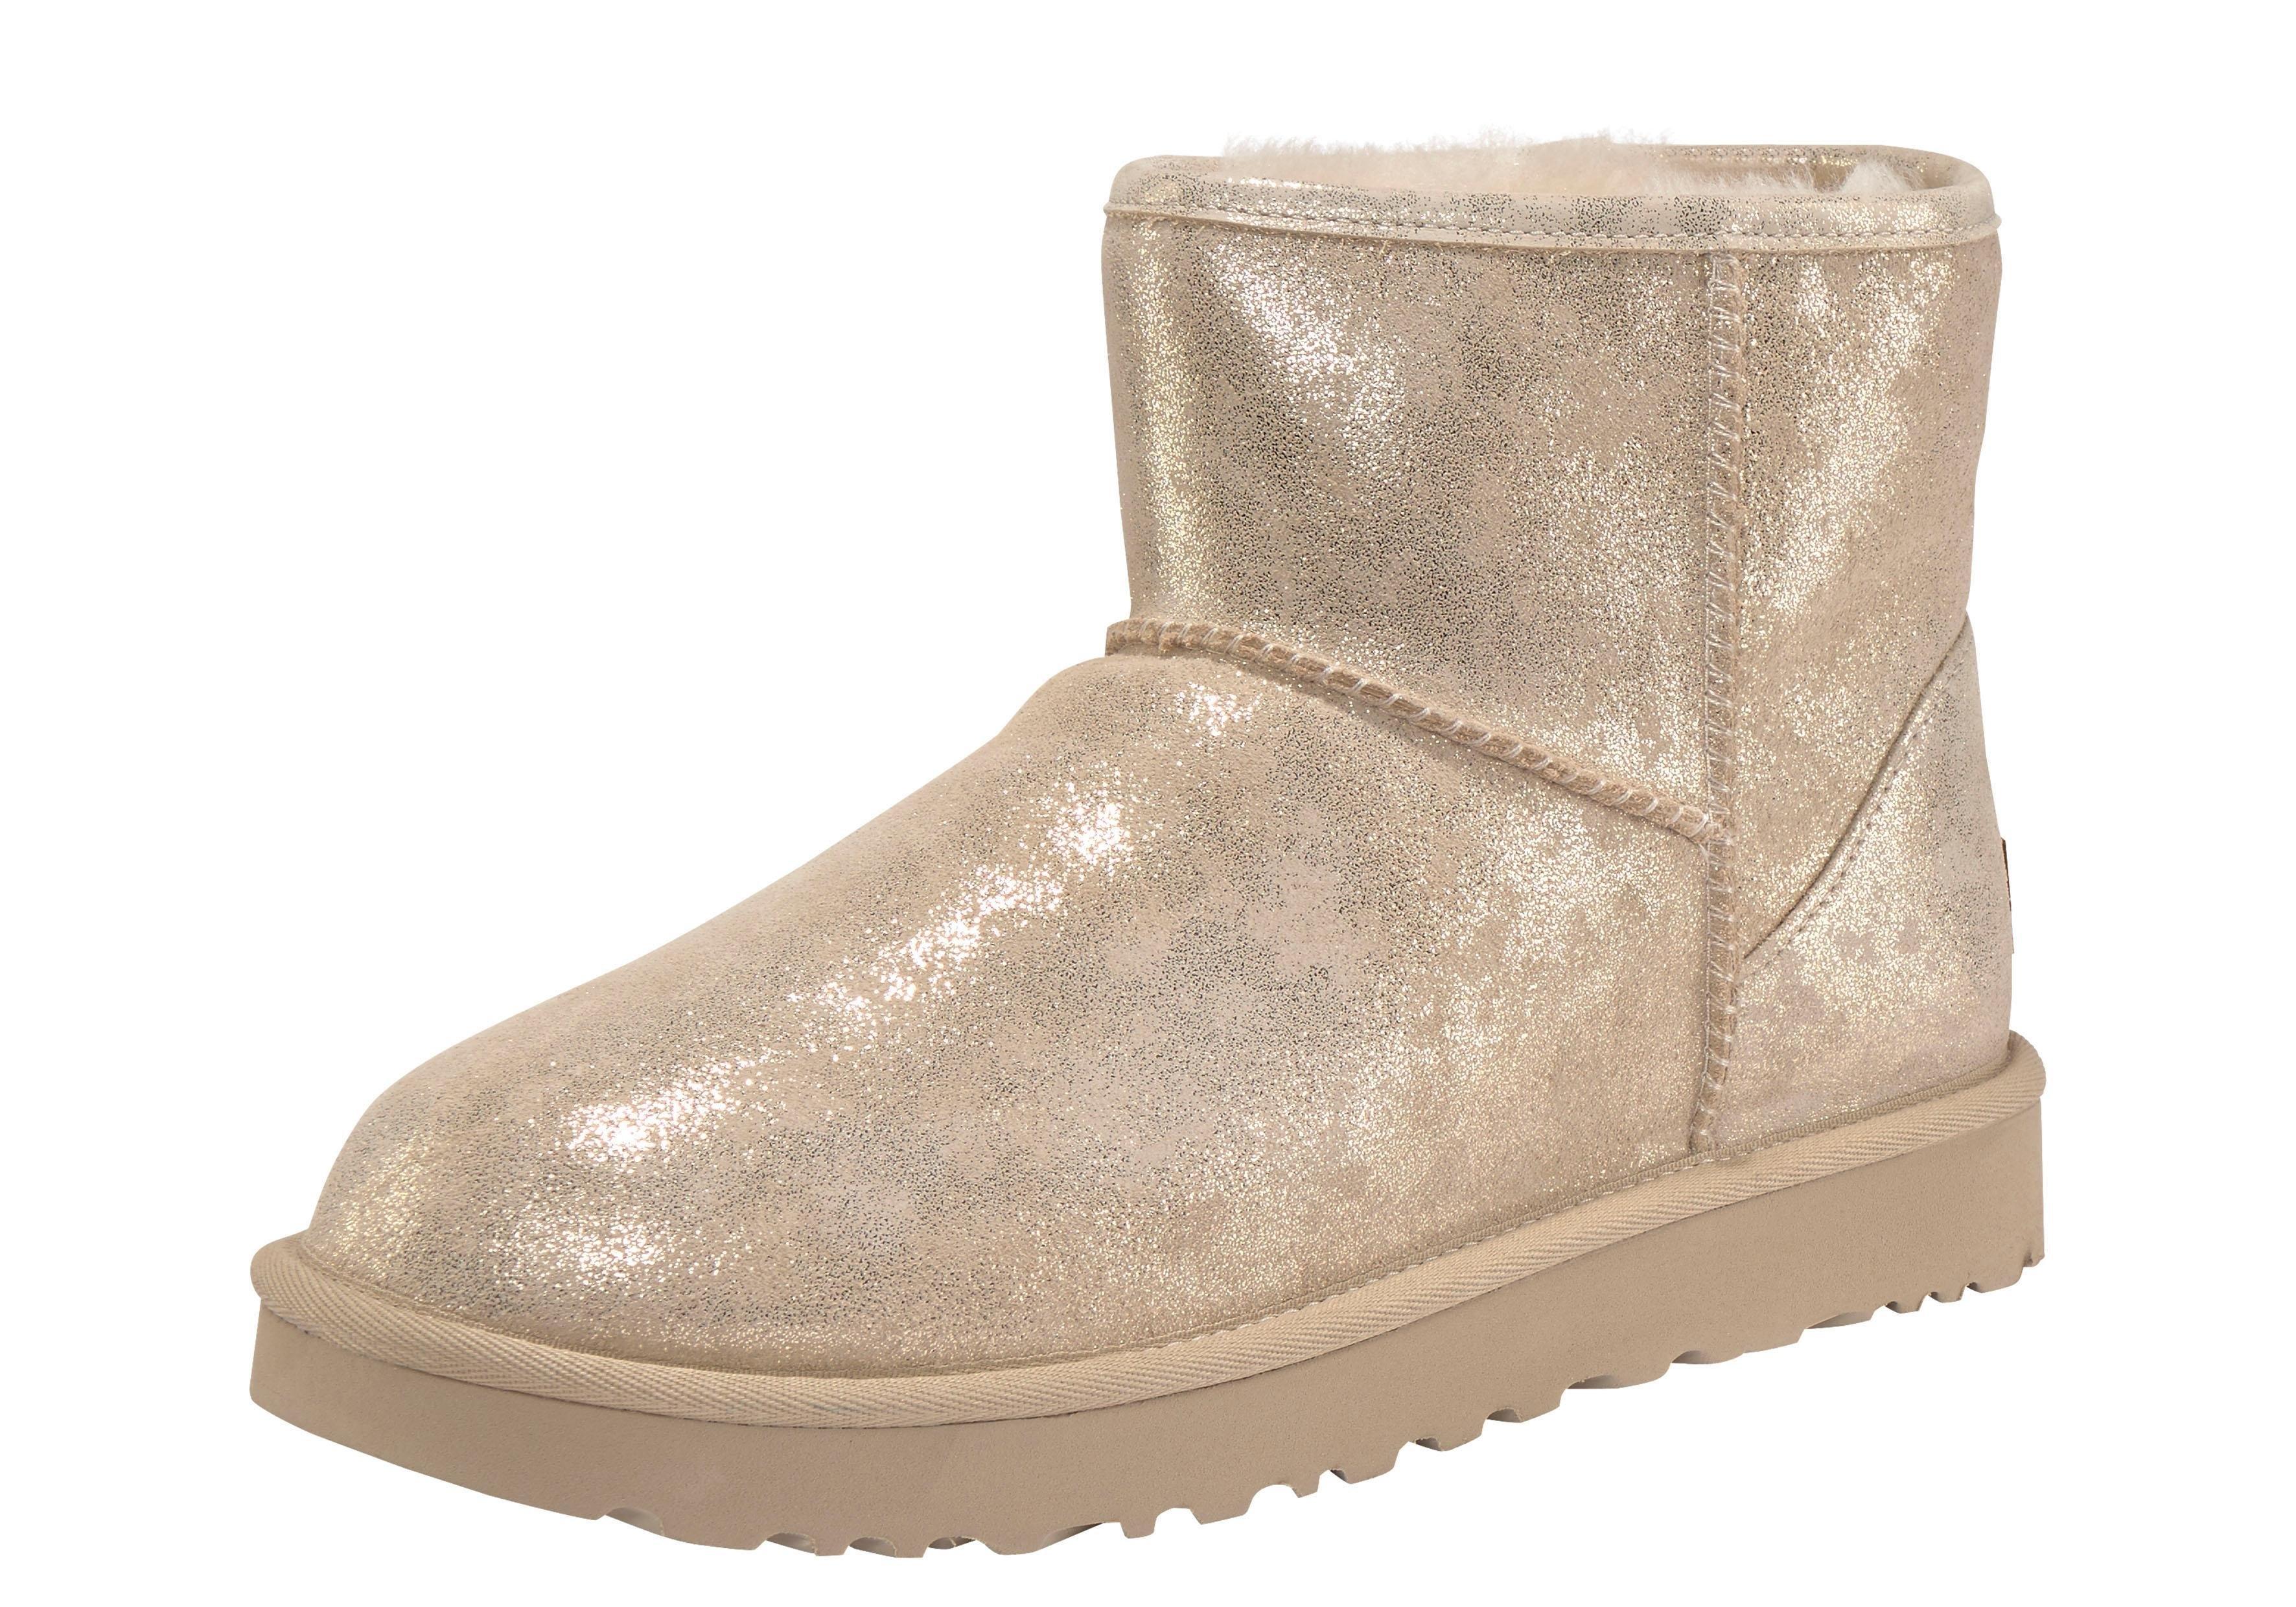 Ugg boots zonder sluiting »Classic Mini Stardust« online kopen op otto.nl